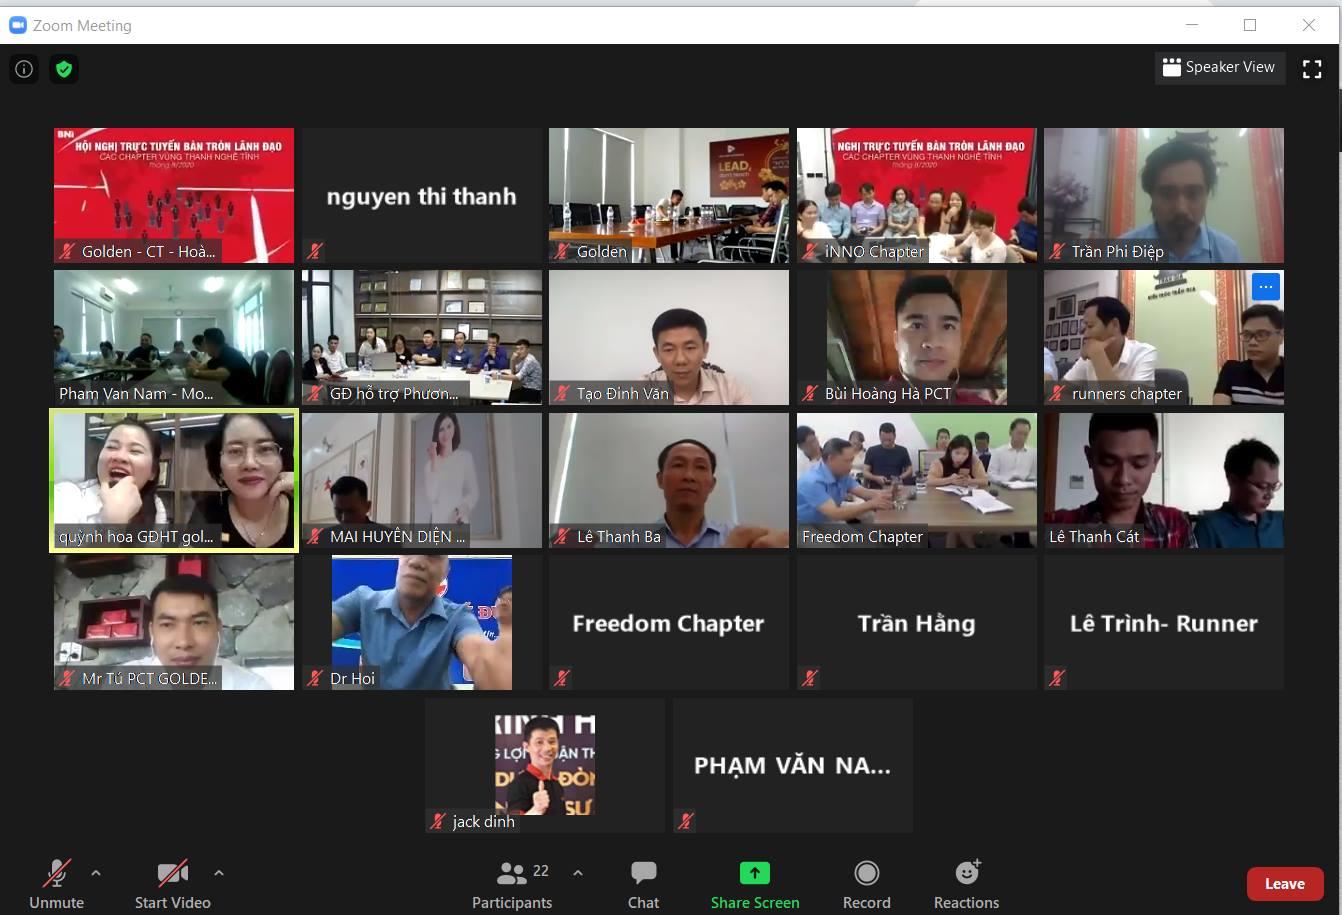 Hội nghị được tổ chức qua chát Zoom online